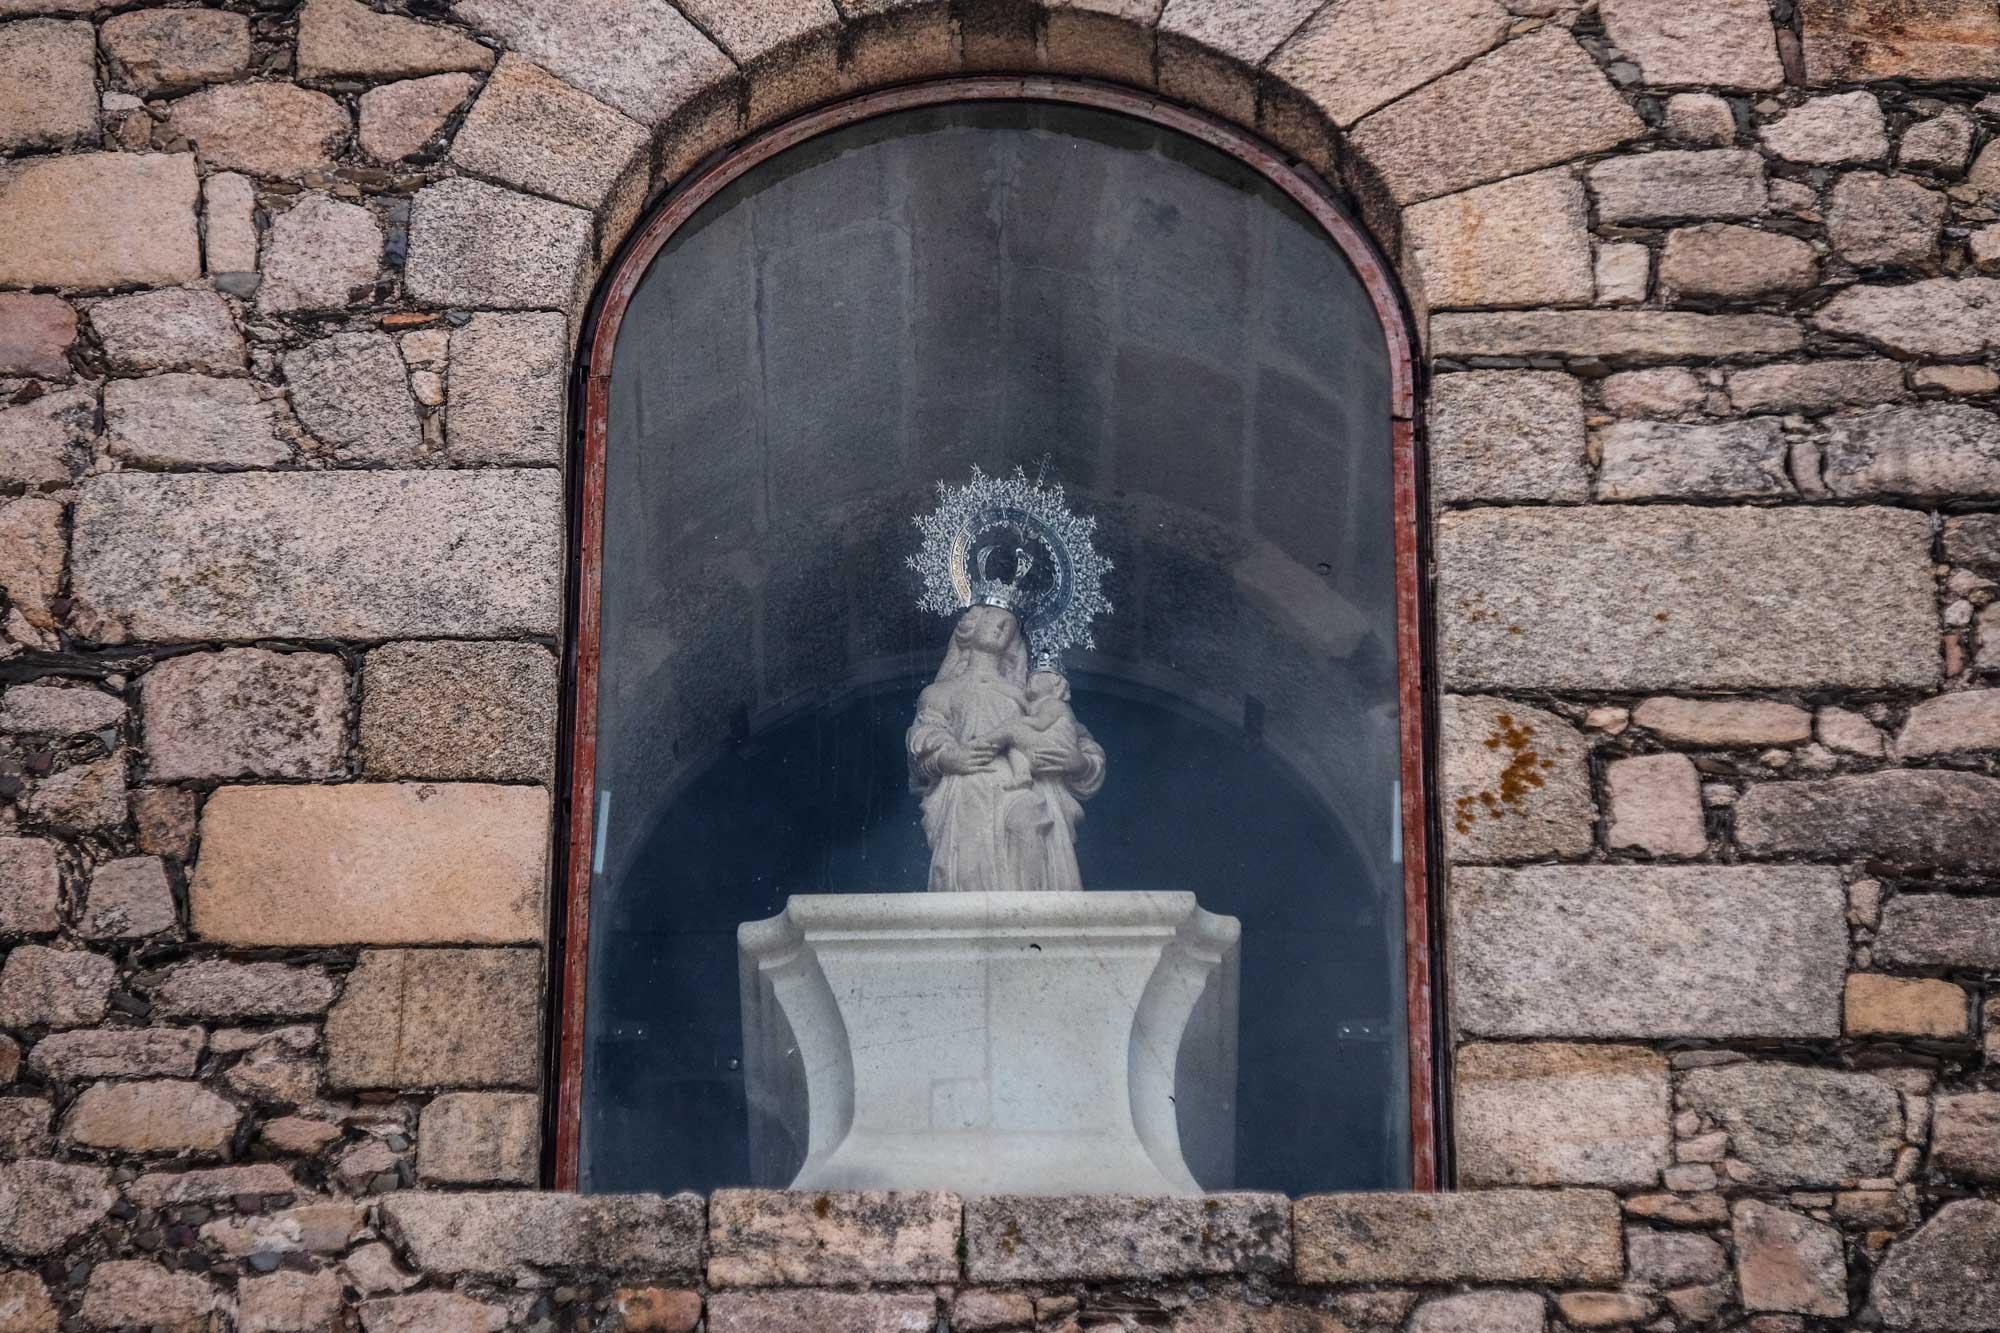 La virgen y patrona de Trujillo: Nuestra Señora de la Victoria